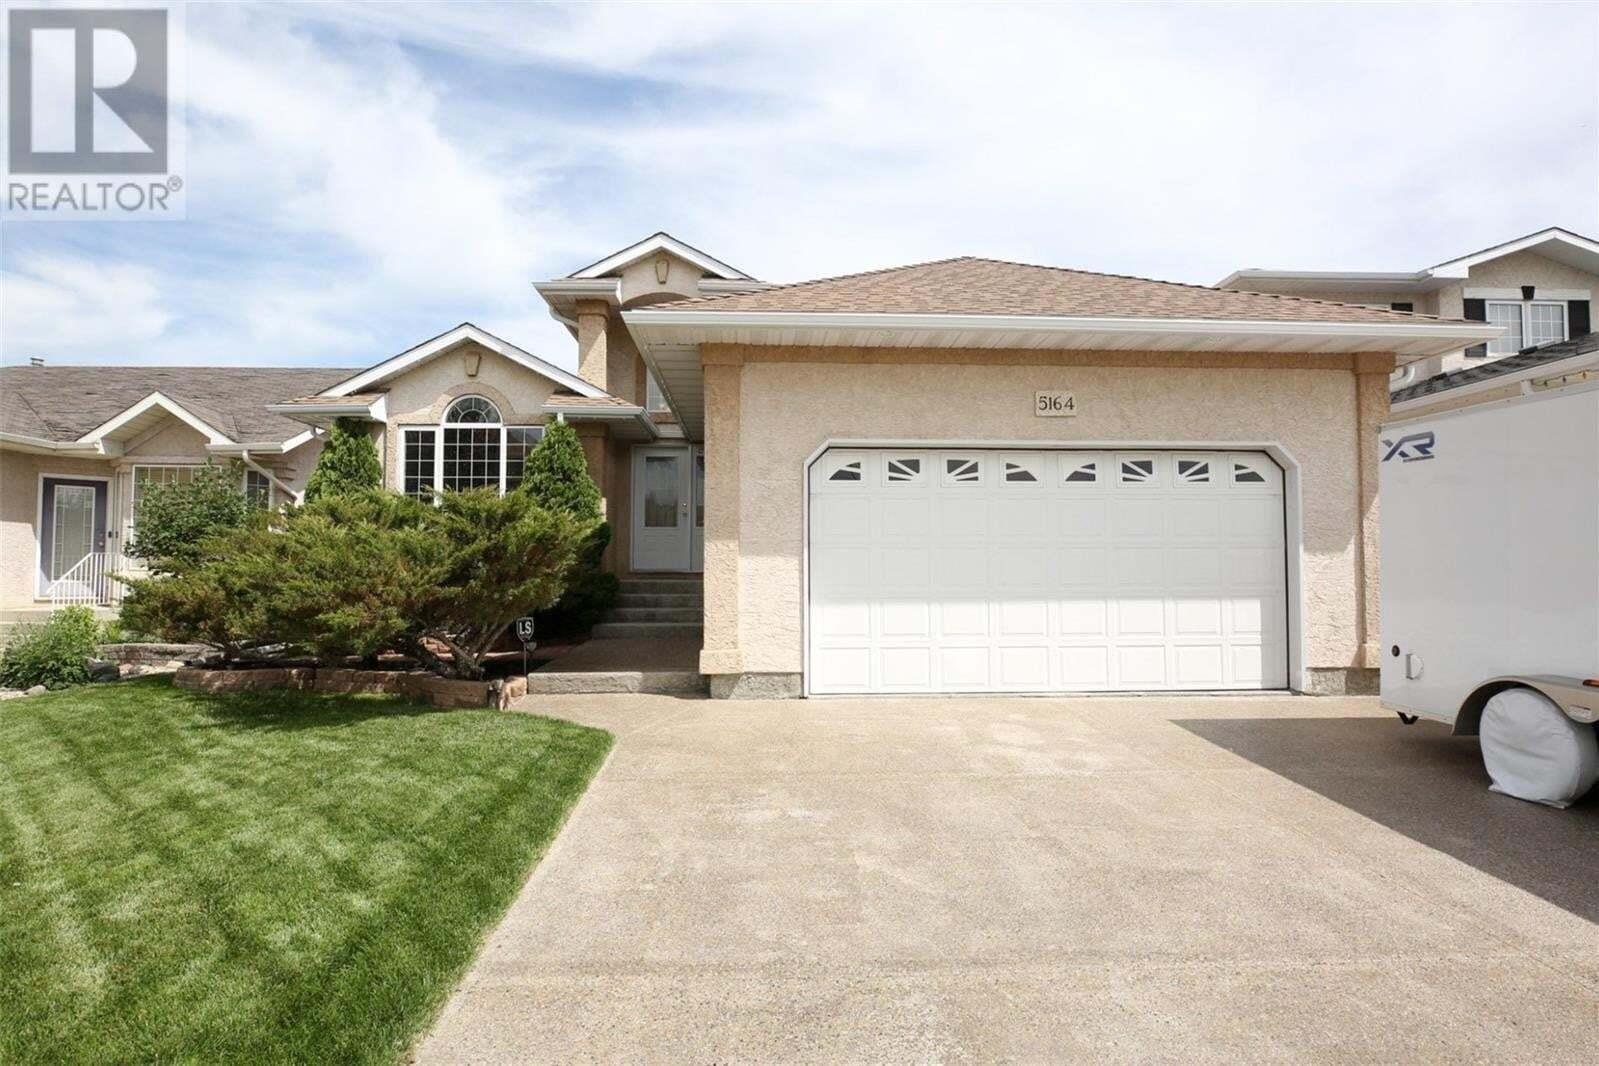 House for sale at 5164 Genereux Dr Regina Saskatchewan - MLS: SK815584